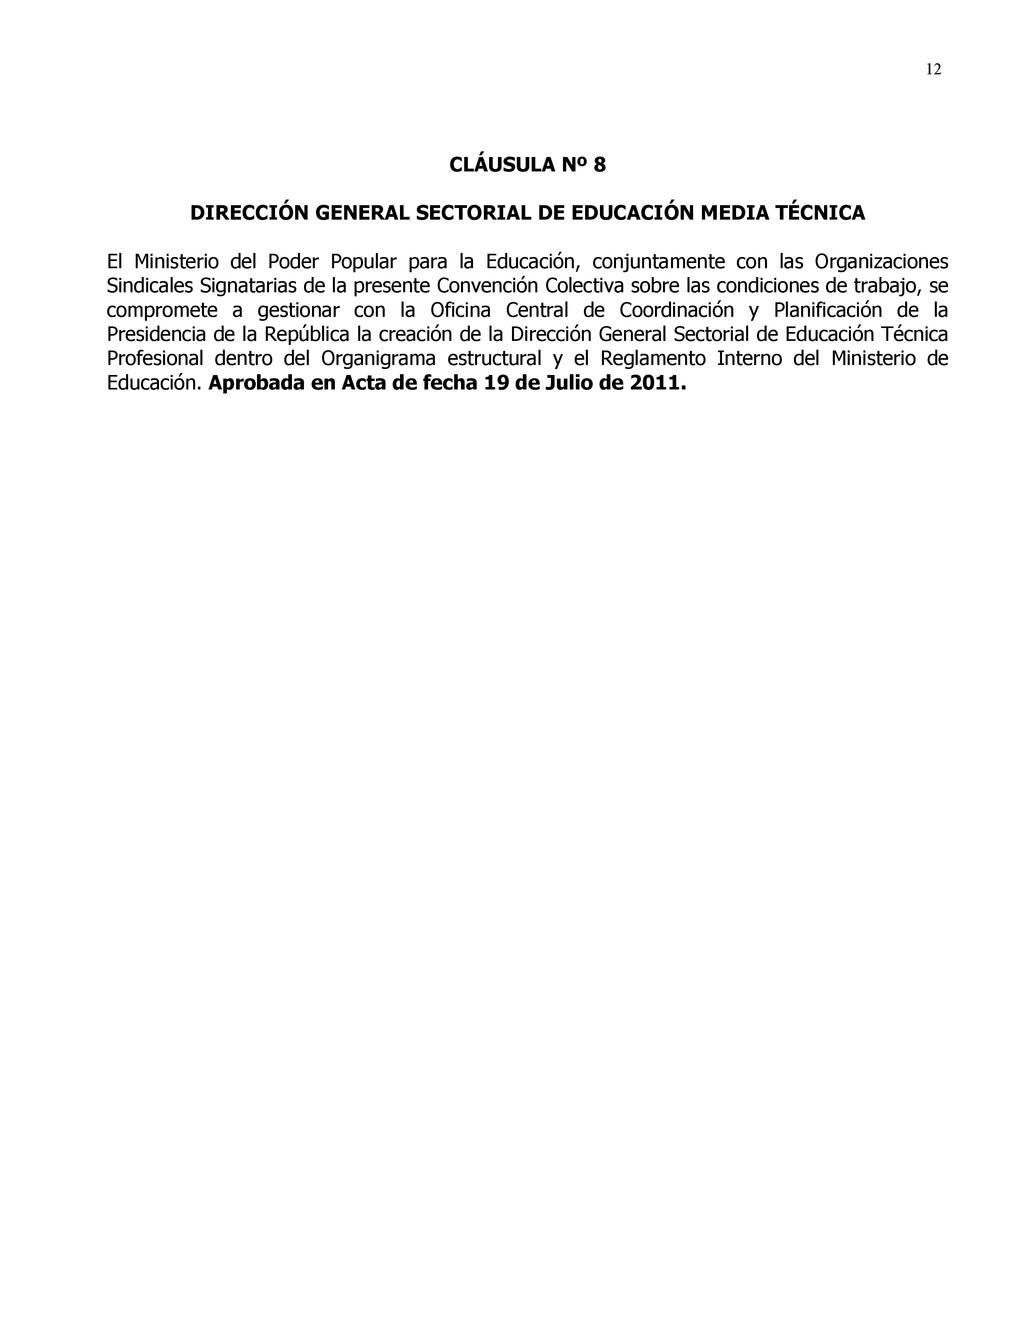 12 CLÁUSULA Nº 8 DIRECCIÓN GENERAL SECTORIAL DE...